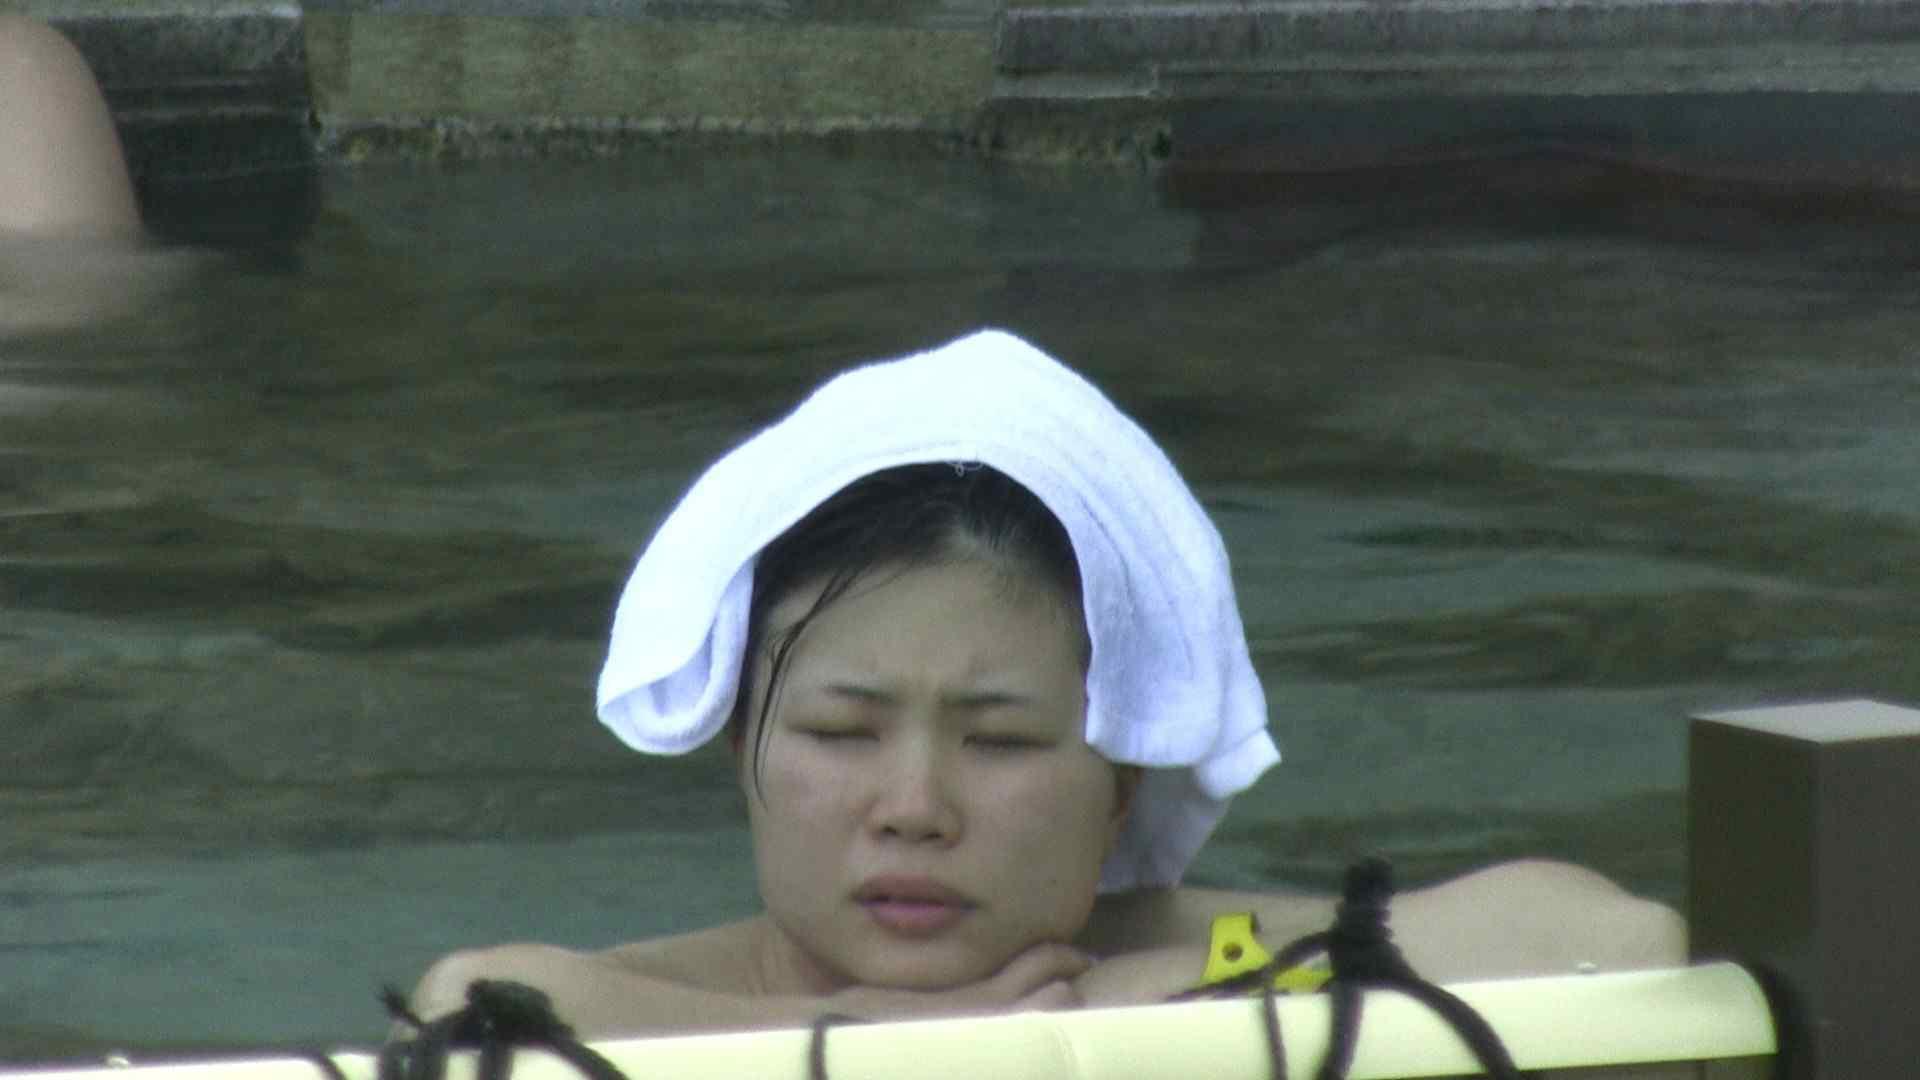 Aquaな露天風呂Vol.183 HなOL 盗撮動画紹介 106pic 42